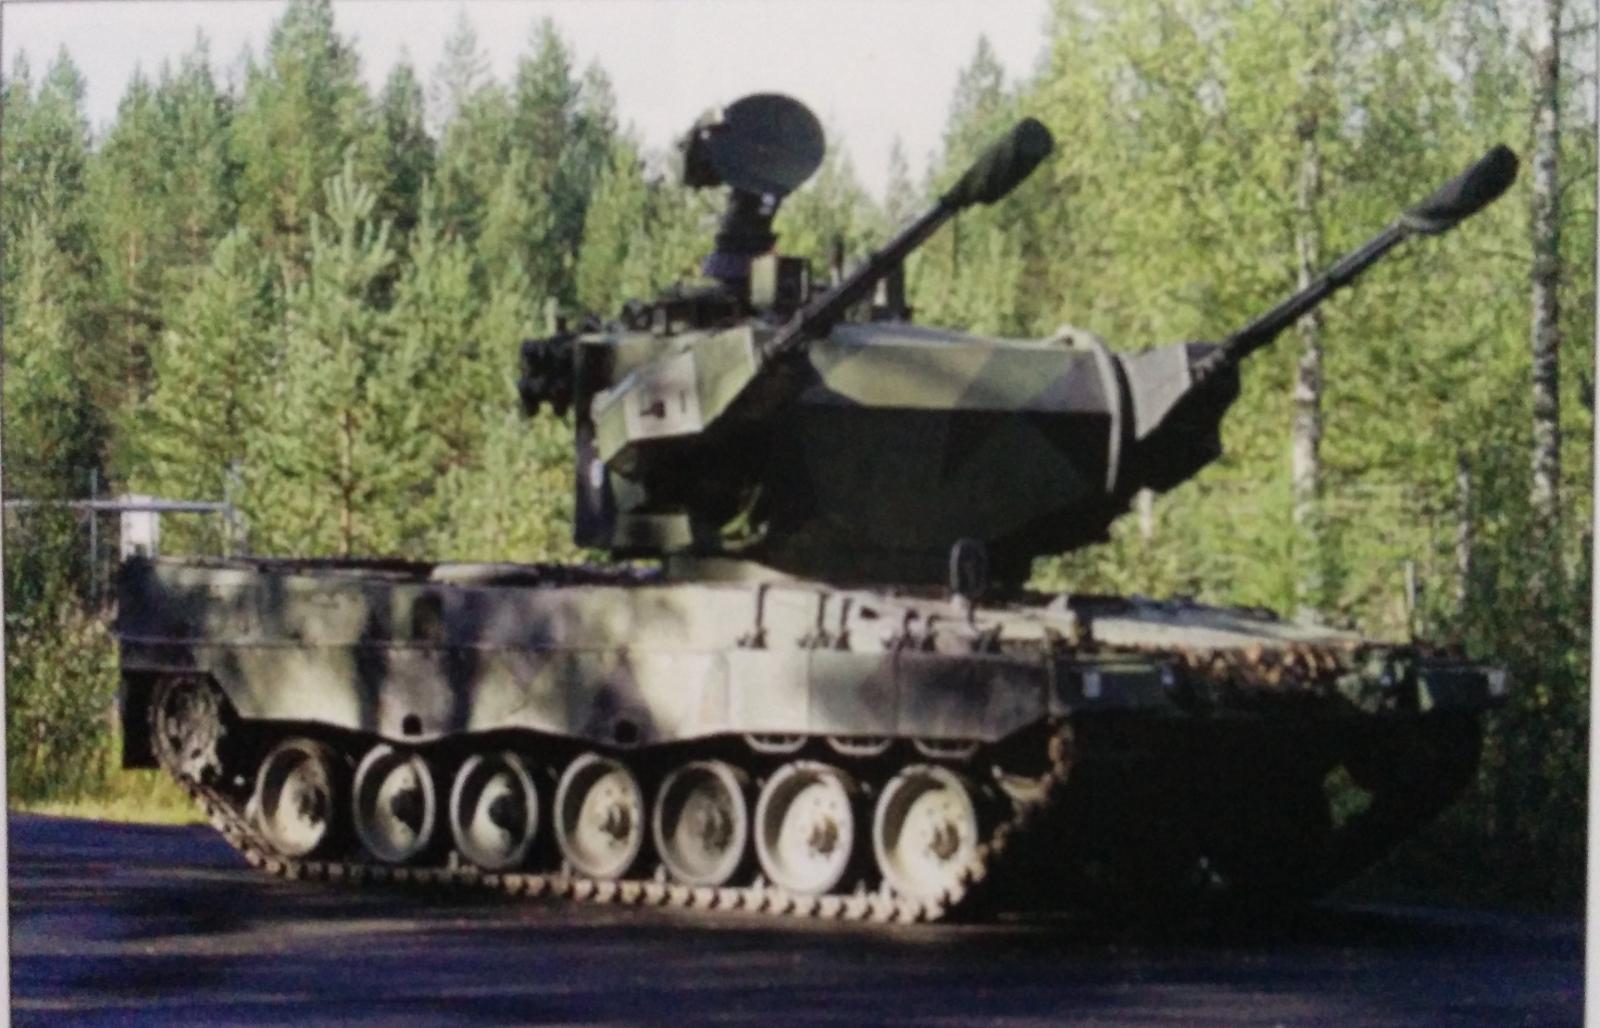 Опытный образец финской модернизированной 35-мм спаренной зенитной самоходной установки ItPsv 90 (Marksman), переставленной на шасси танка Leopard 2A4 (с) Panssari.